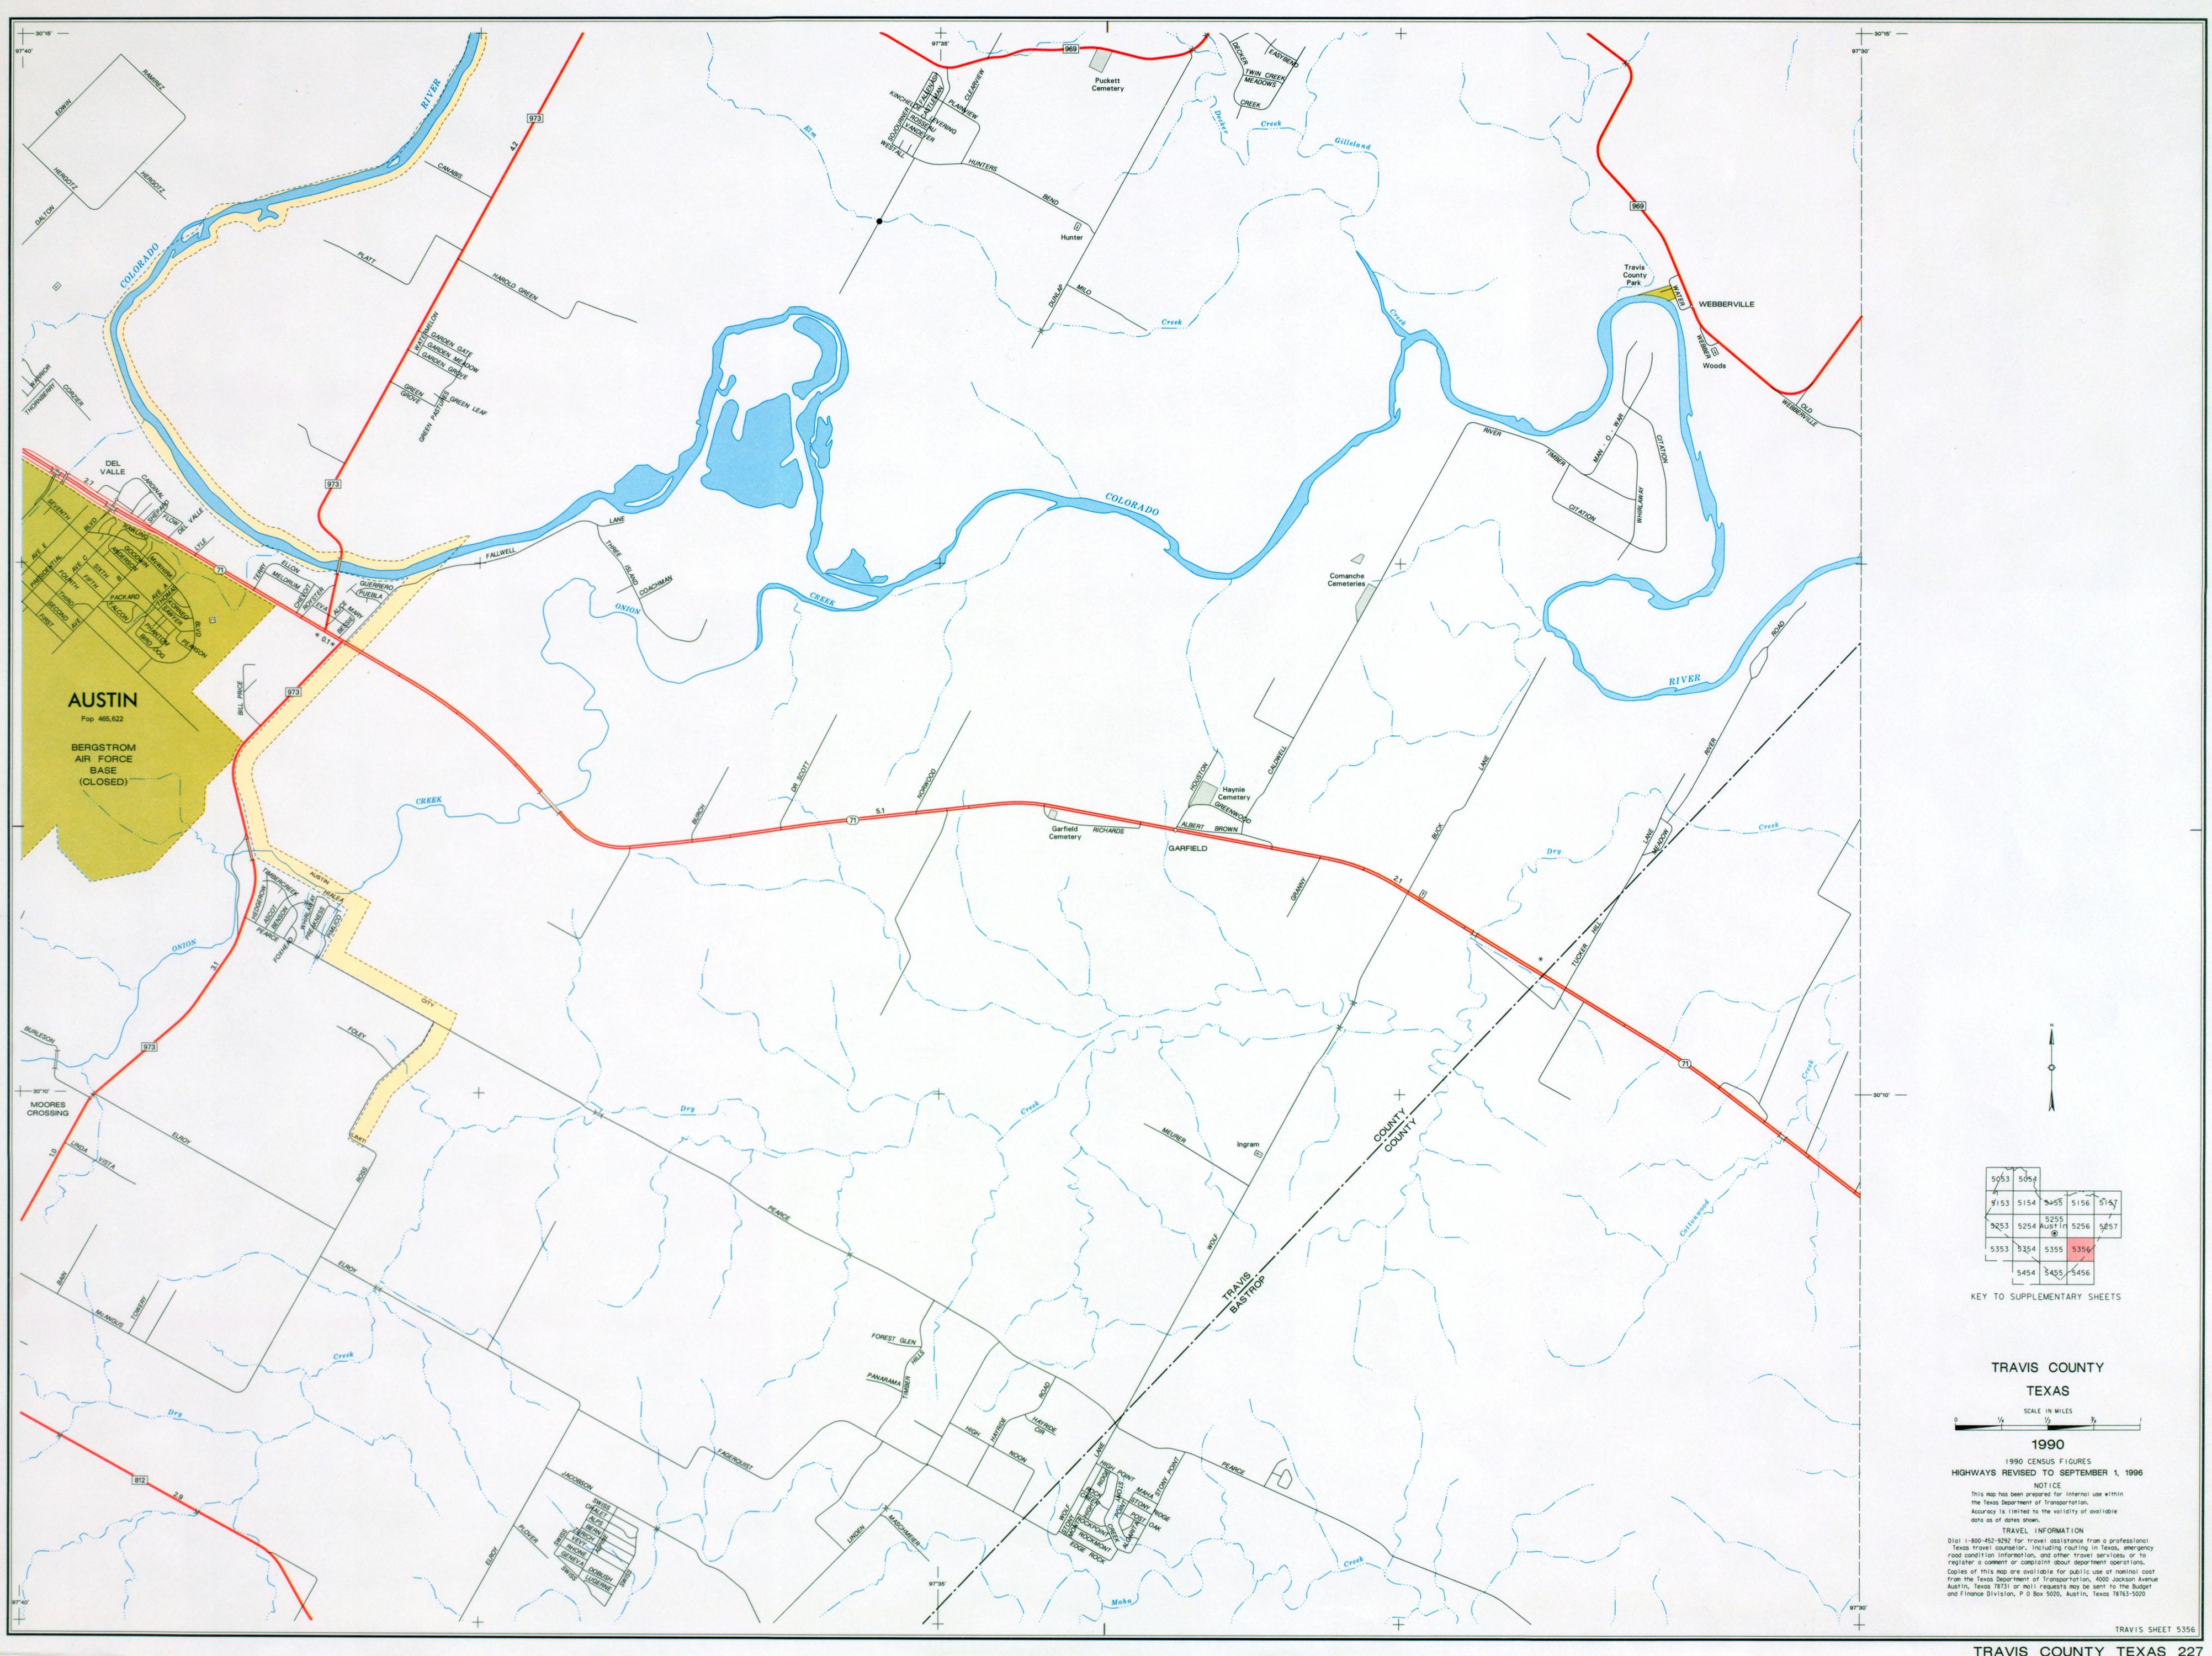 Austin Texas Maps PerryCastañeda Map Collection UT Library - Map of colorado river in texas